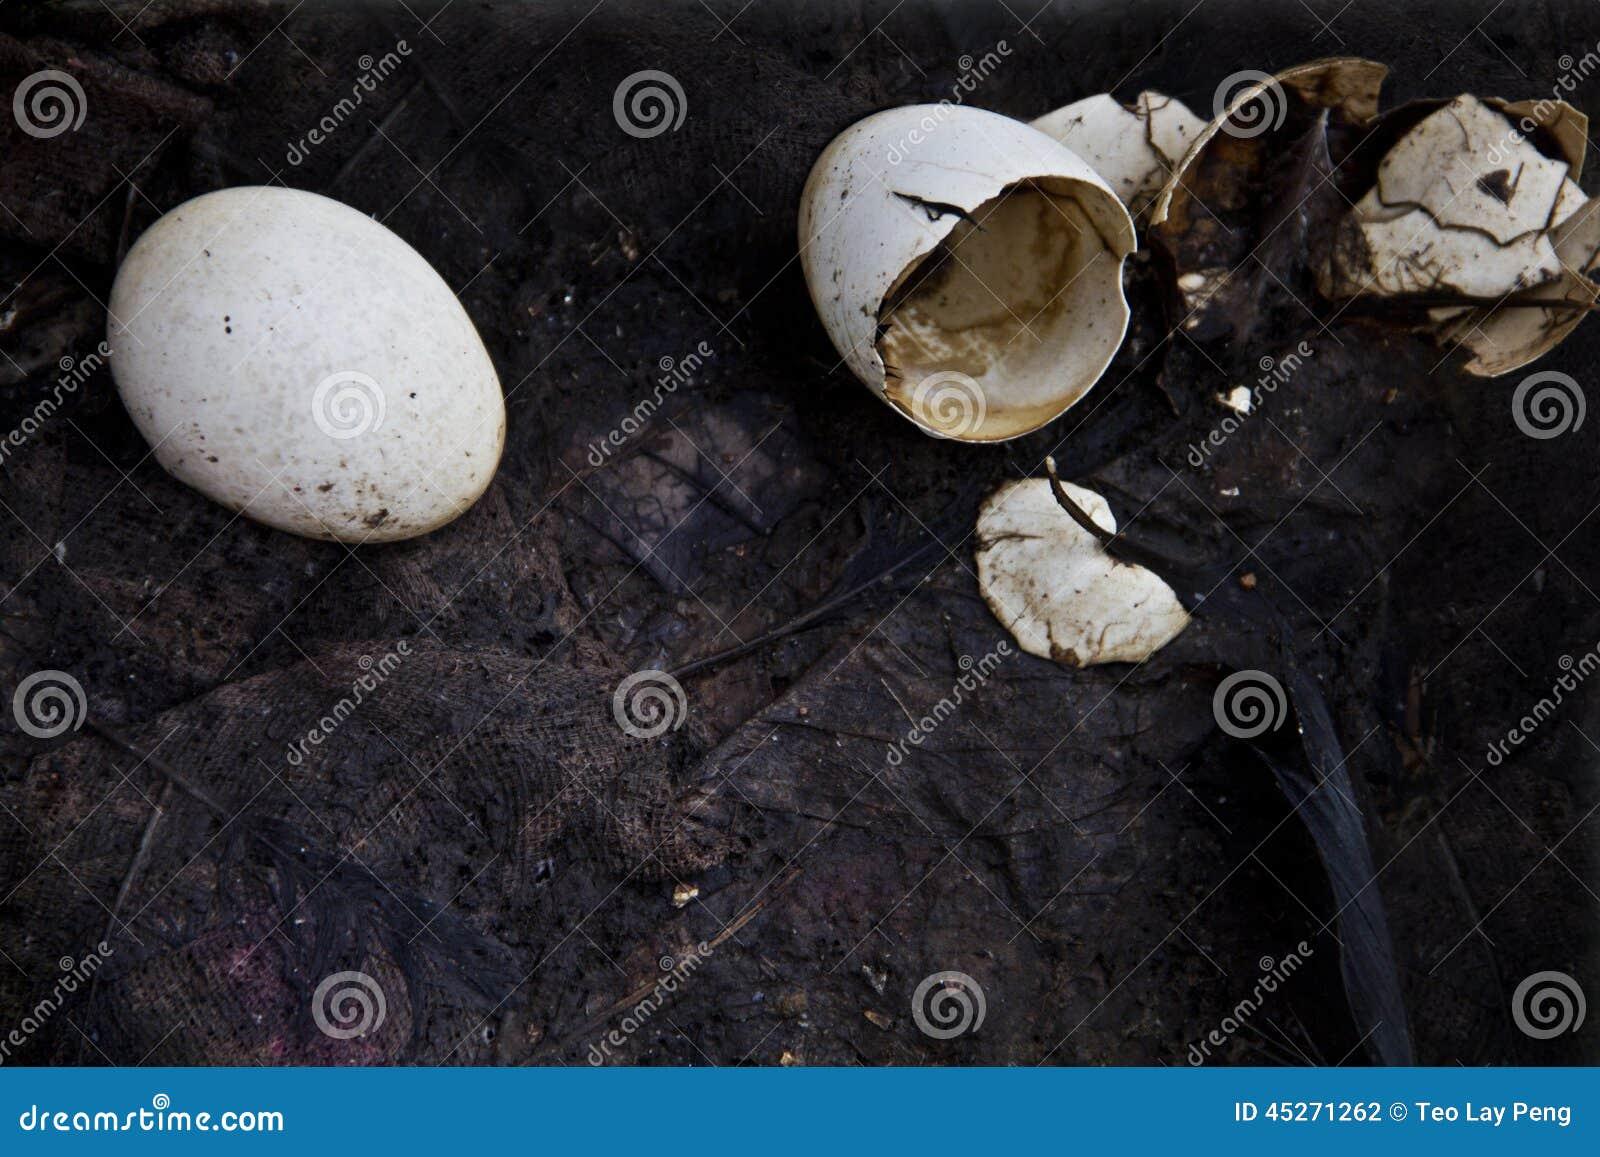 Destroy eggs